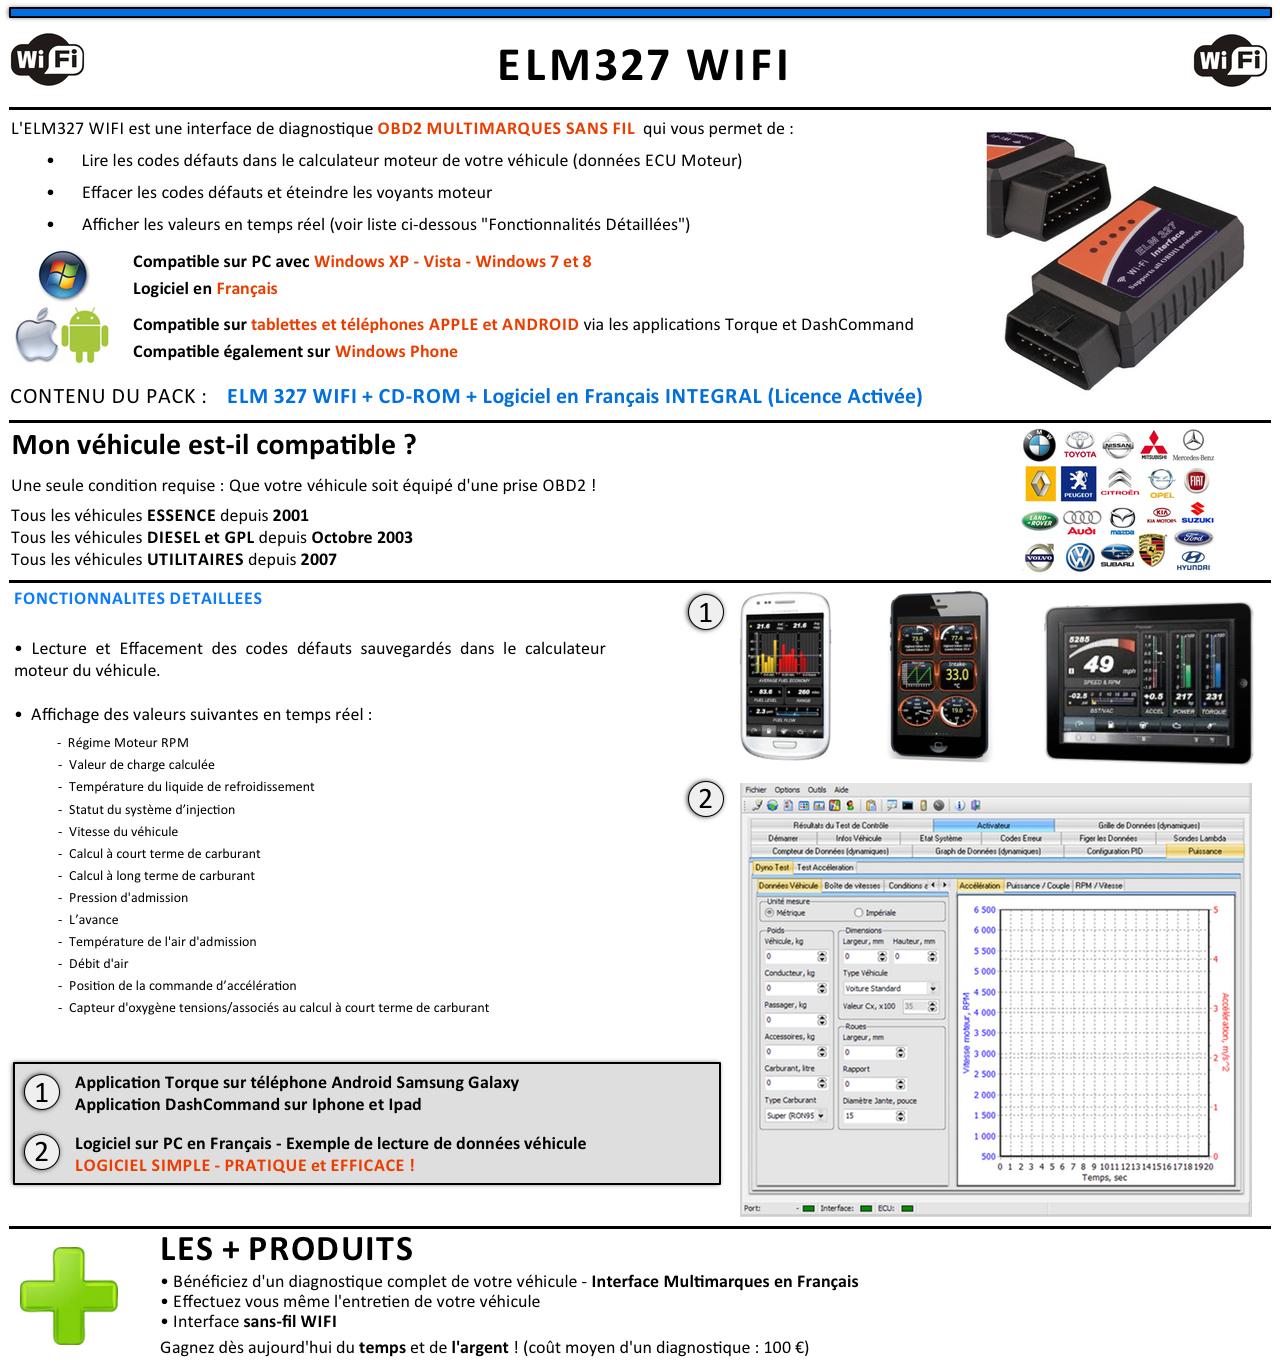 ELMWIFI2.jpg